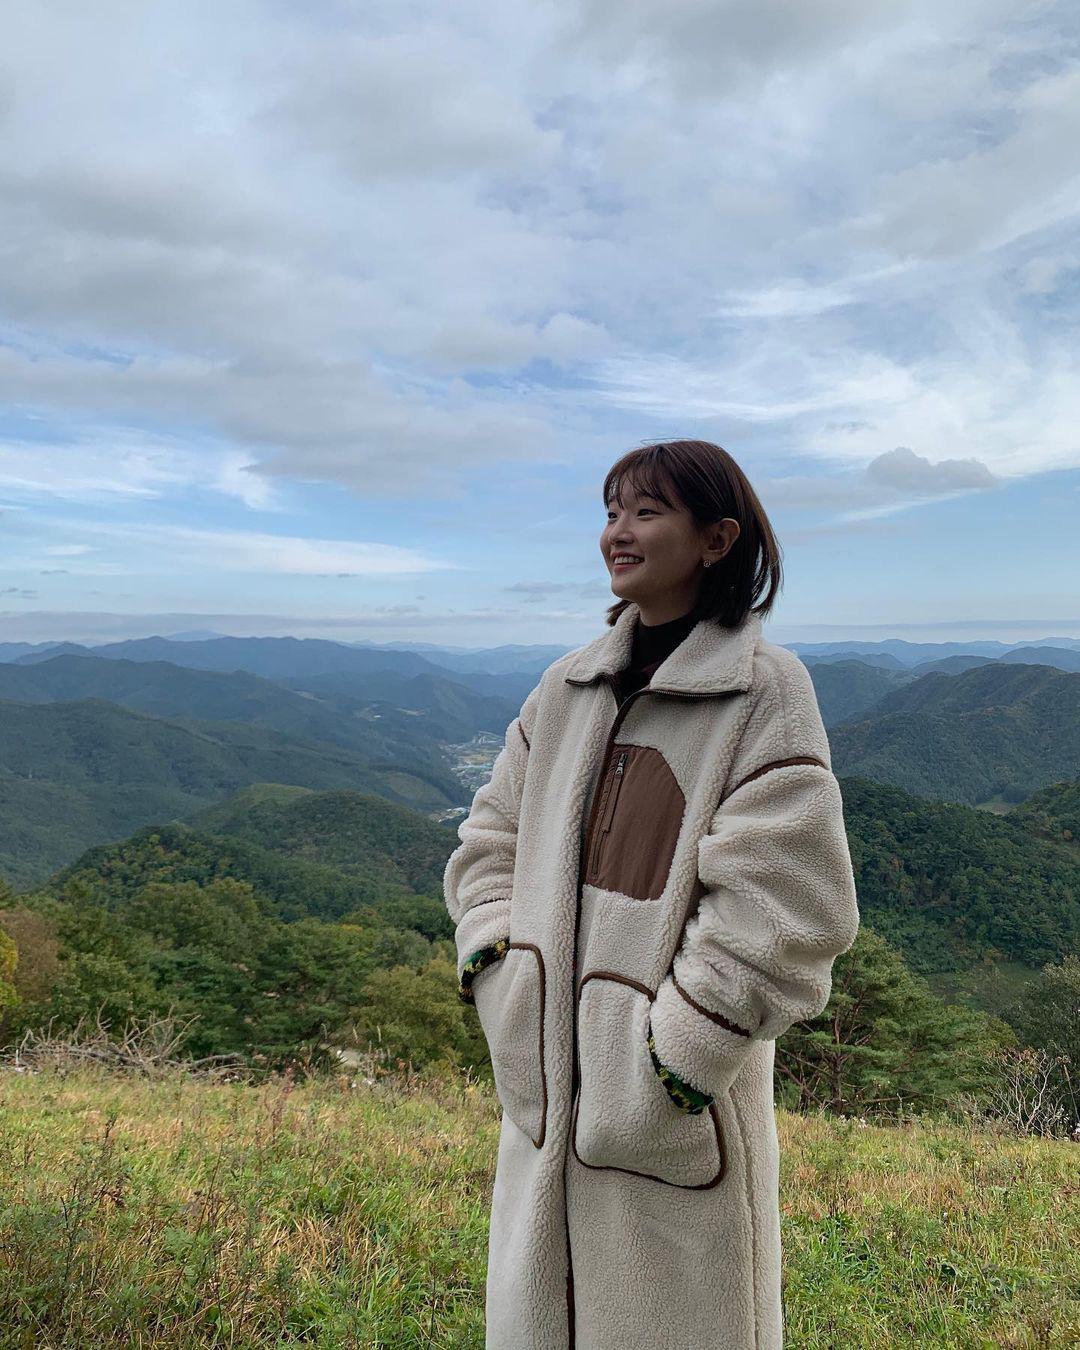 Sao Hàn đang lăng xê mẫu áo khoác lông cừu, mặc vào là tự tin chiến với mùa lạnh này luôn - Ảnh 2.